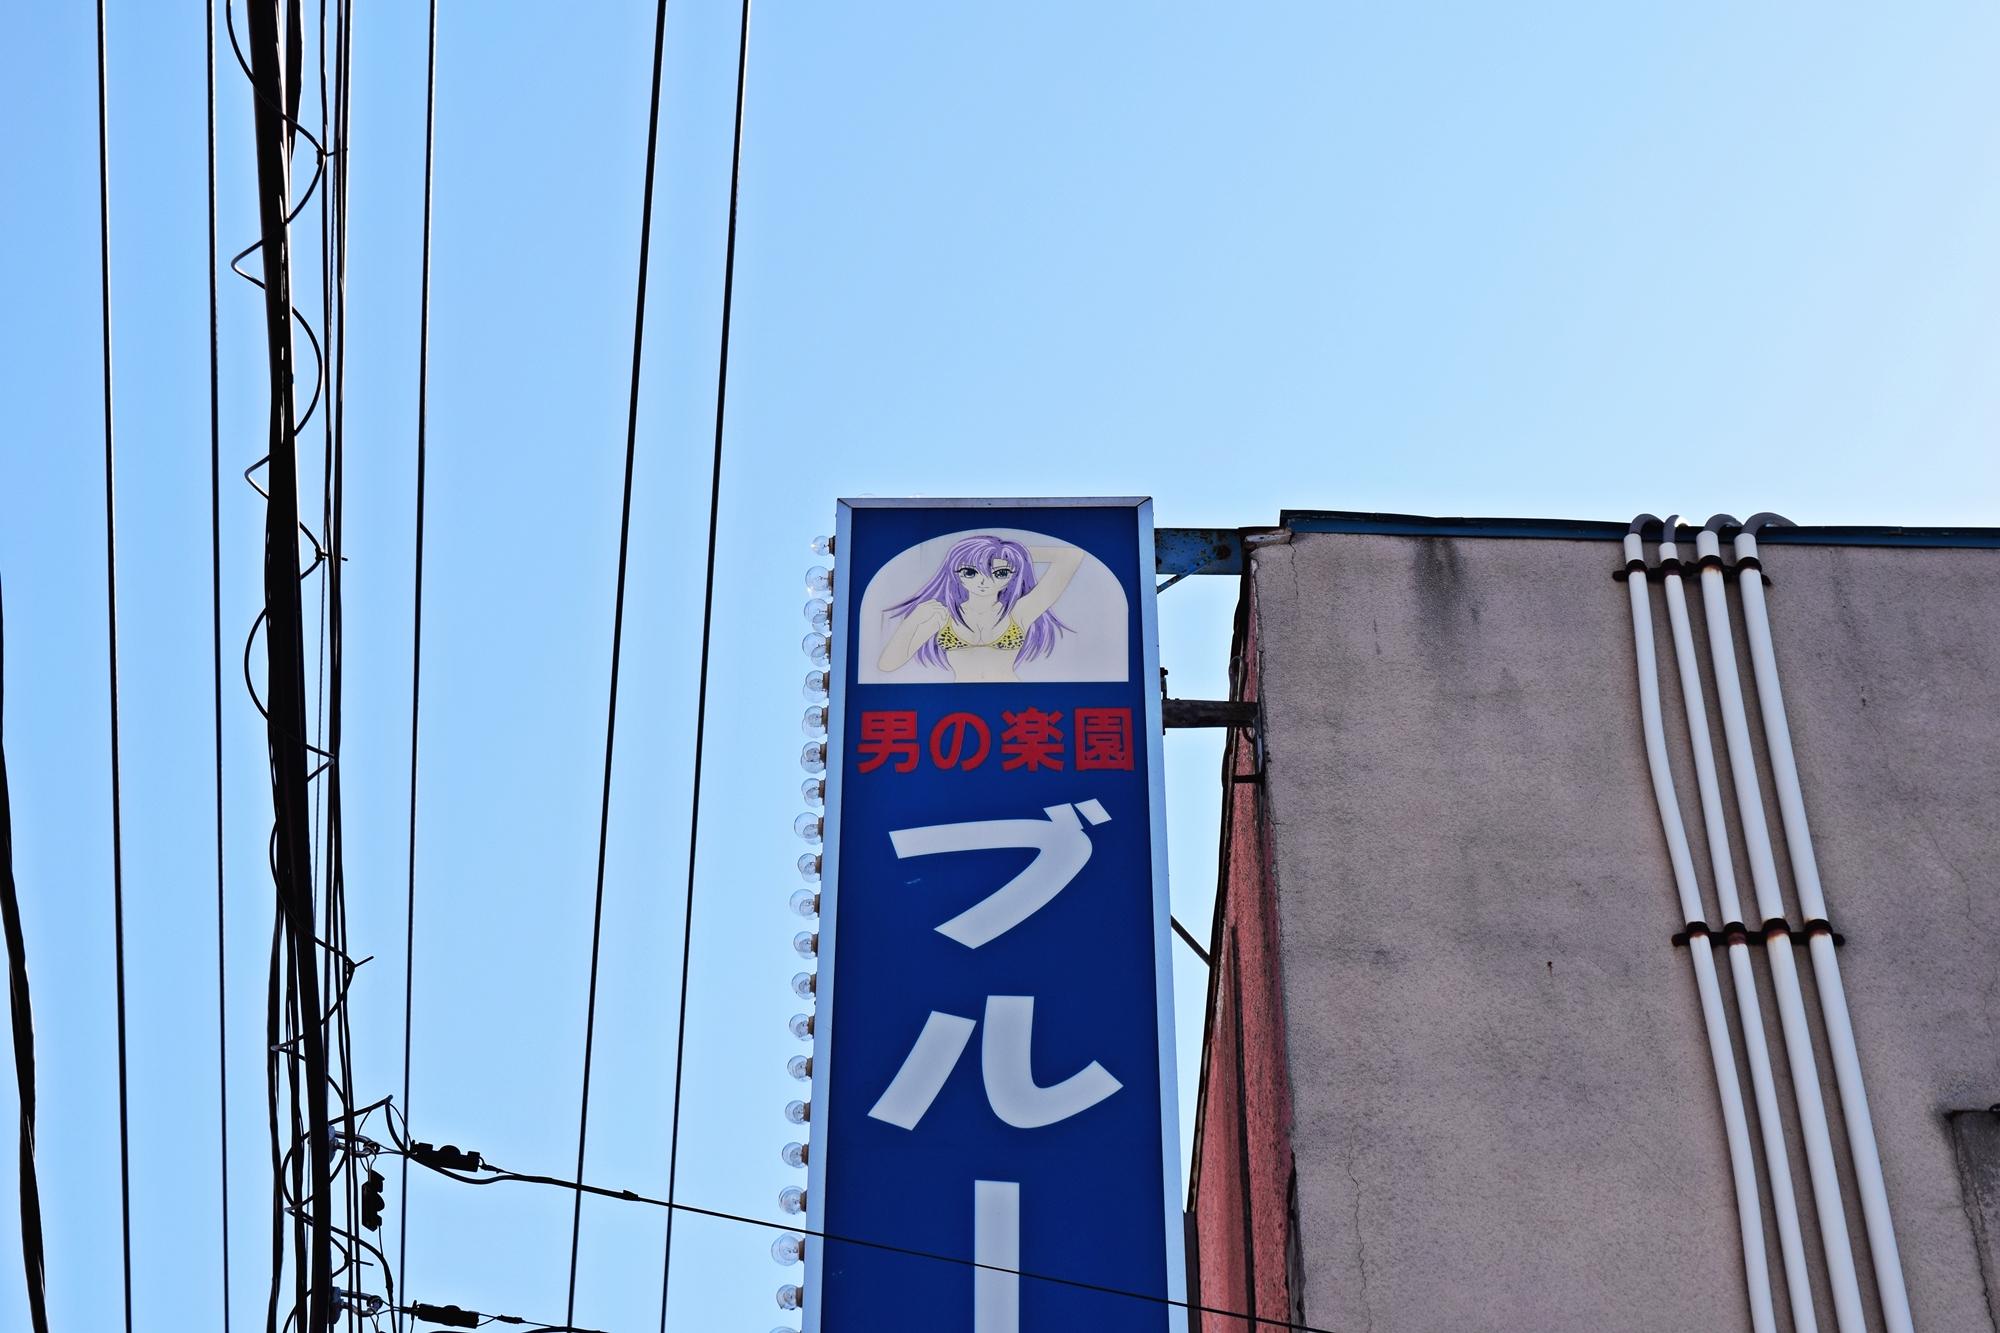 f:id:mitatowa:20170326234005j:plain